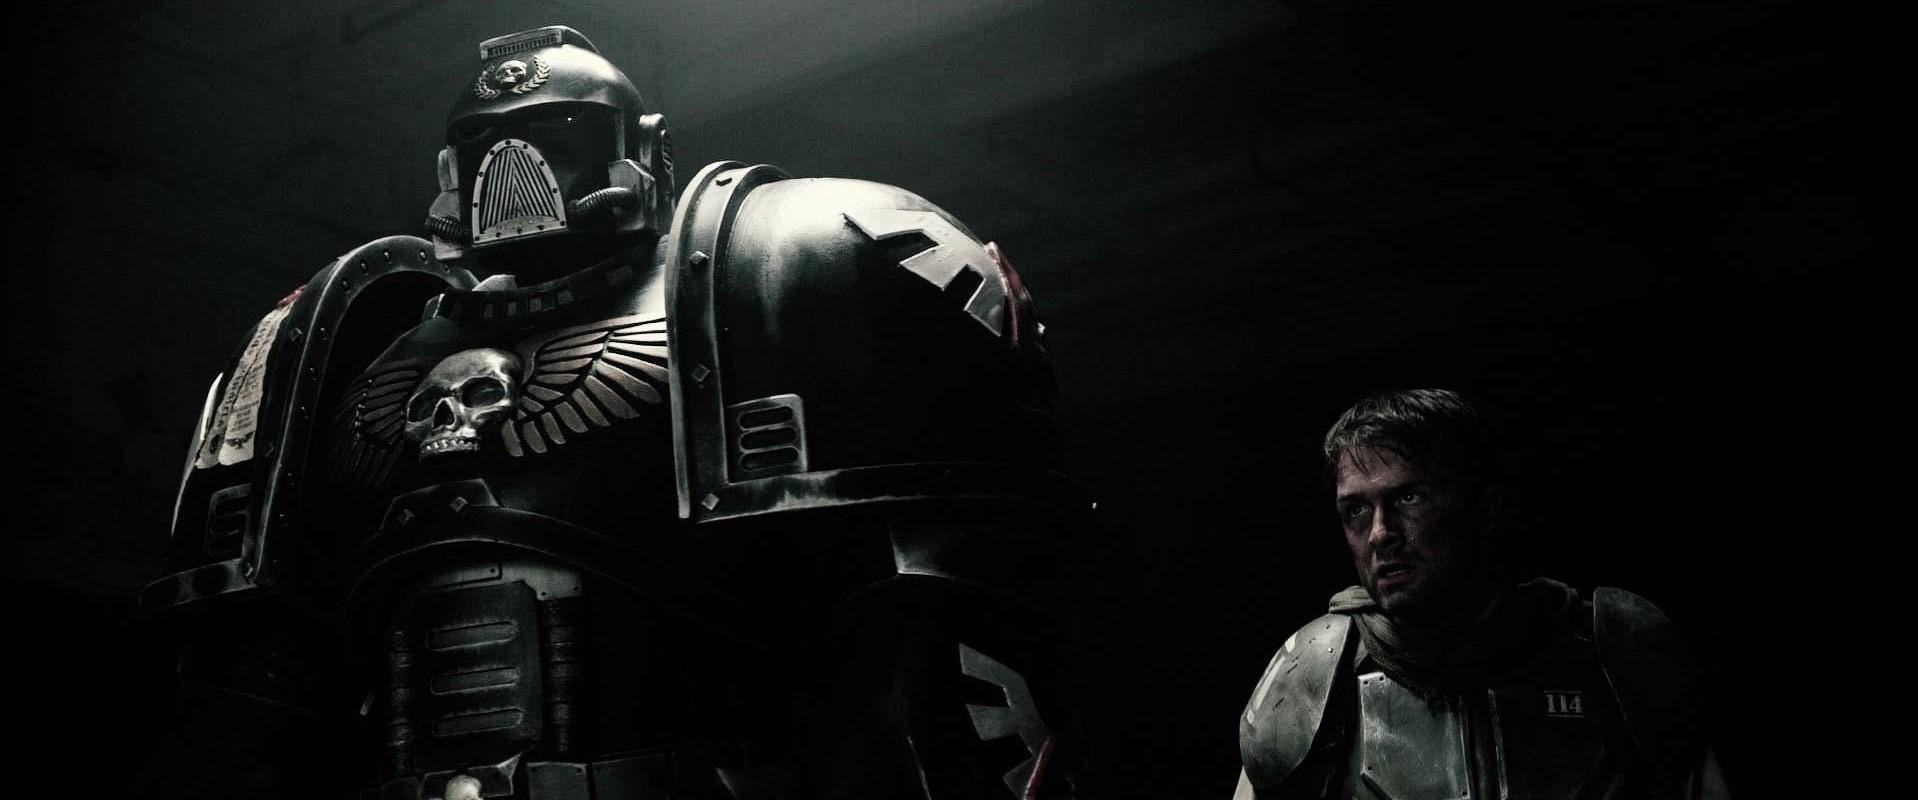 啟示錄級的帝國戰役:戰錘40K動畫電影《海爾斯瑞奇》